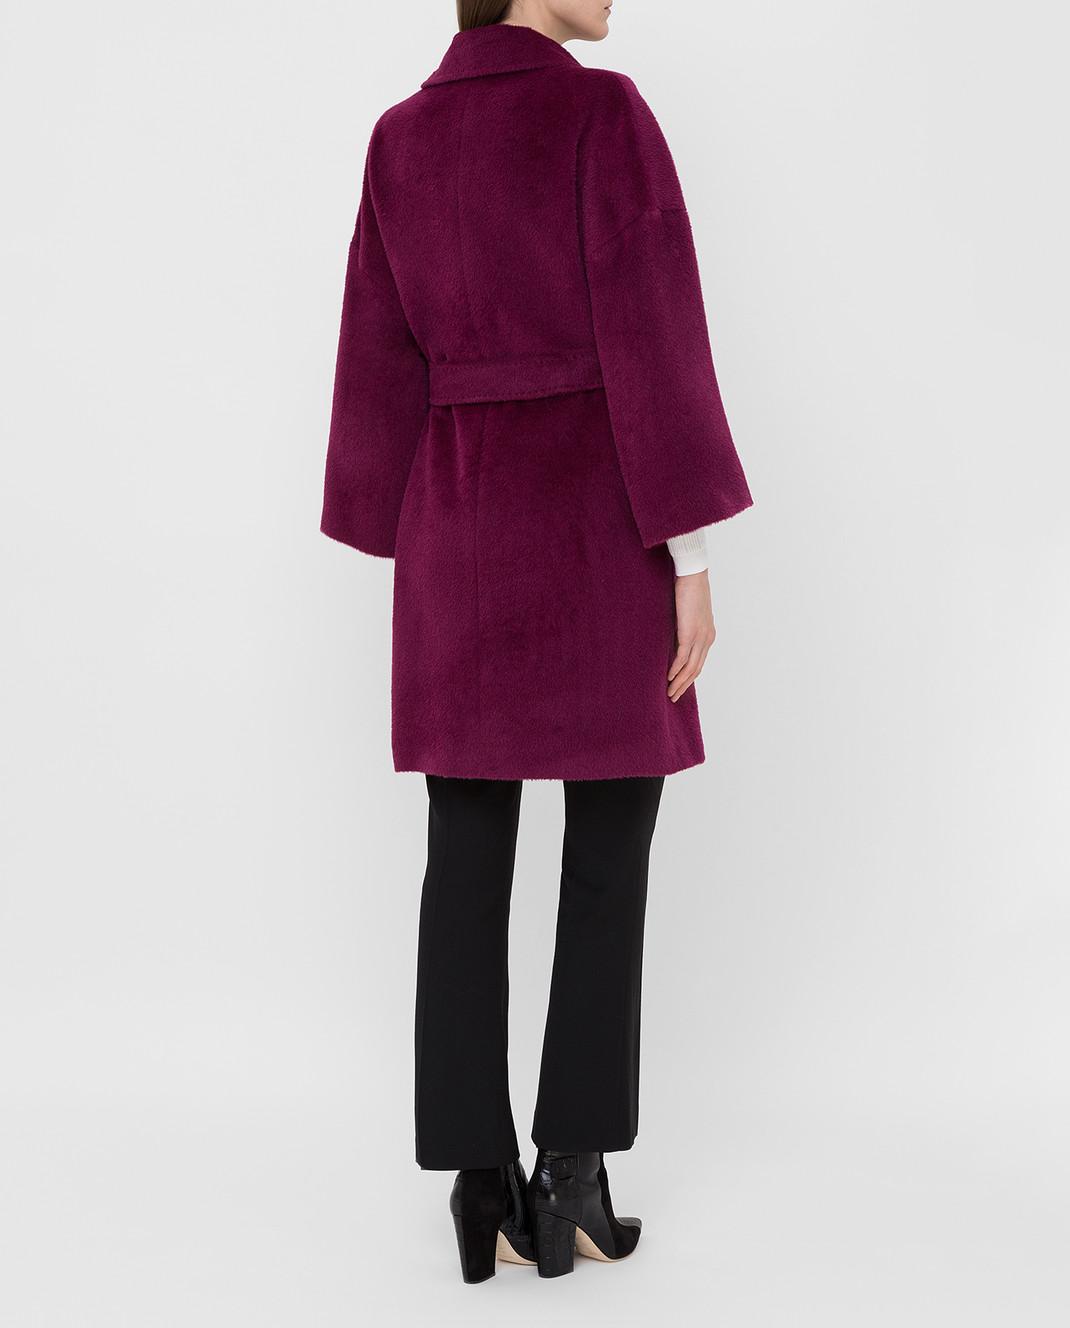 Heresis Светло-фиолетовое пальто из ламы и шерсти K8095 изображение 4